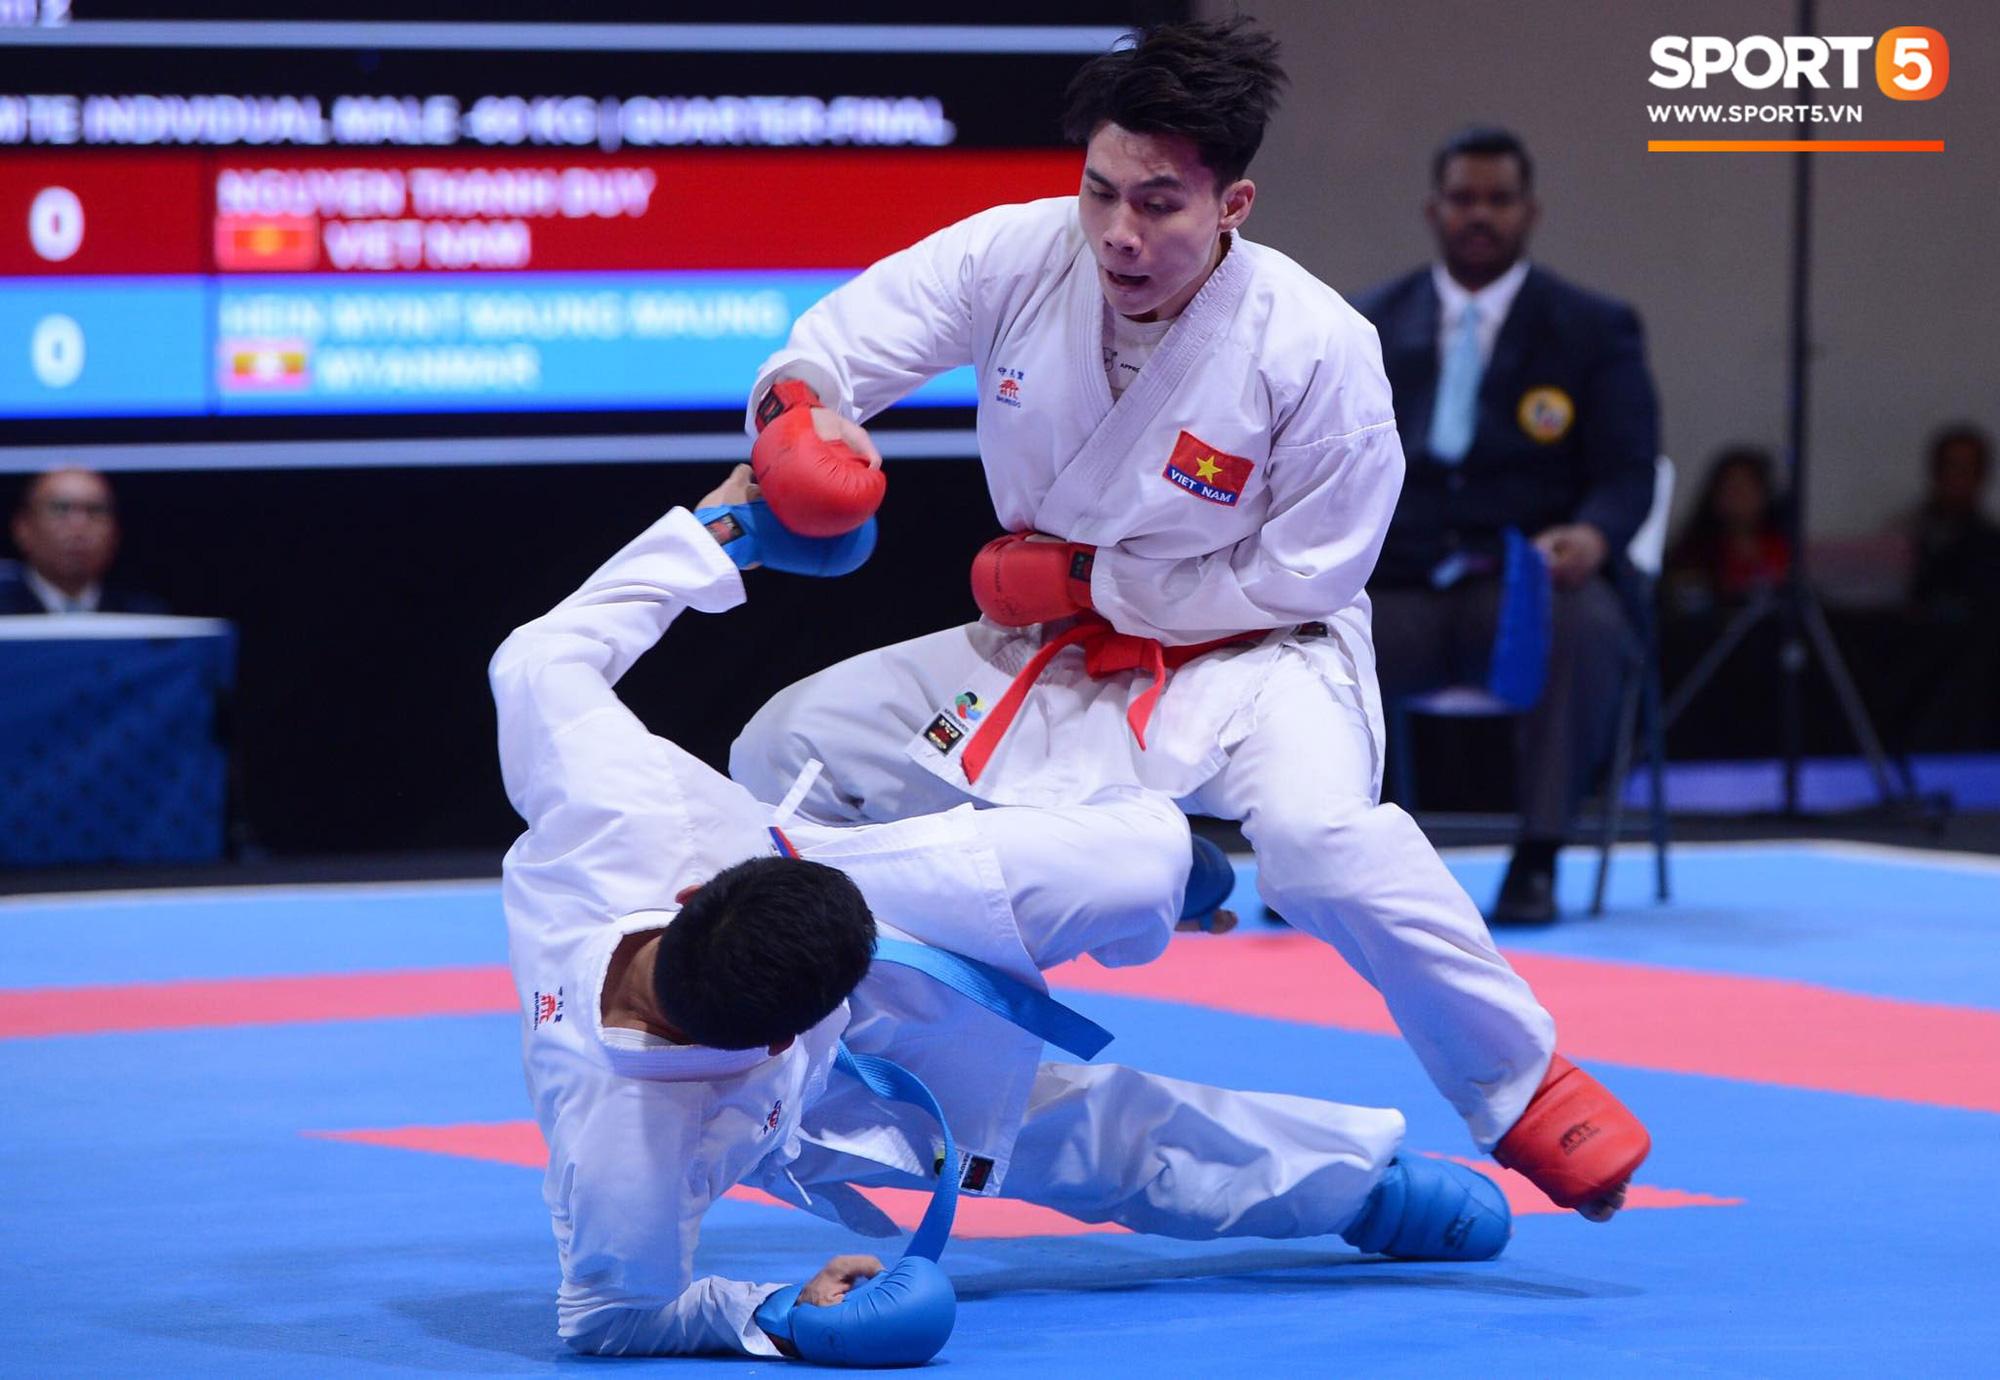 SEA Games ngày 8/12: Nữ hoàng điền kinh Tú Chinh vượt 2 VĐV nhập tịch trong tích tắc, xuất sắc giành HCV chung cuộc - Ảnh 60.